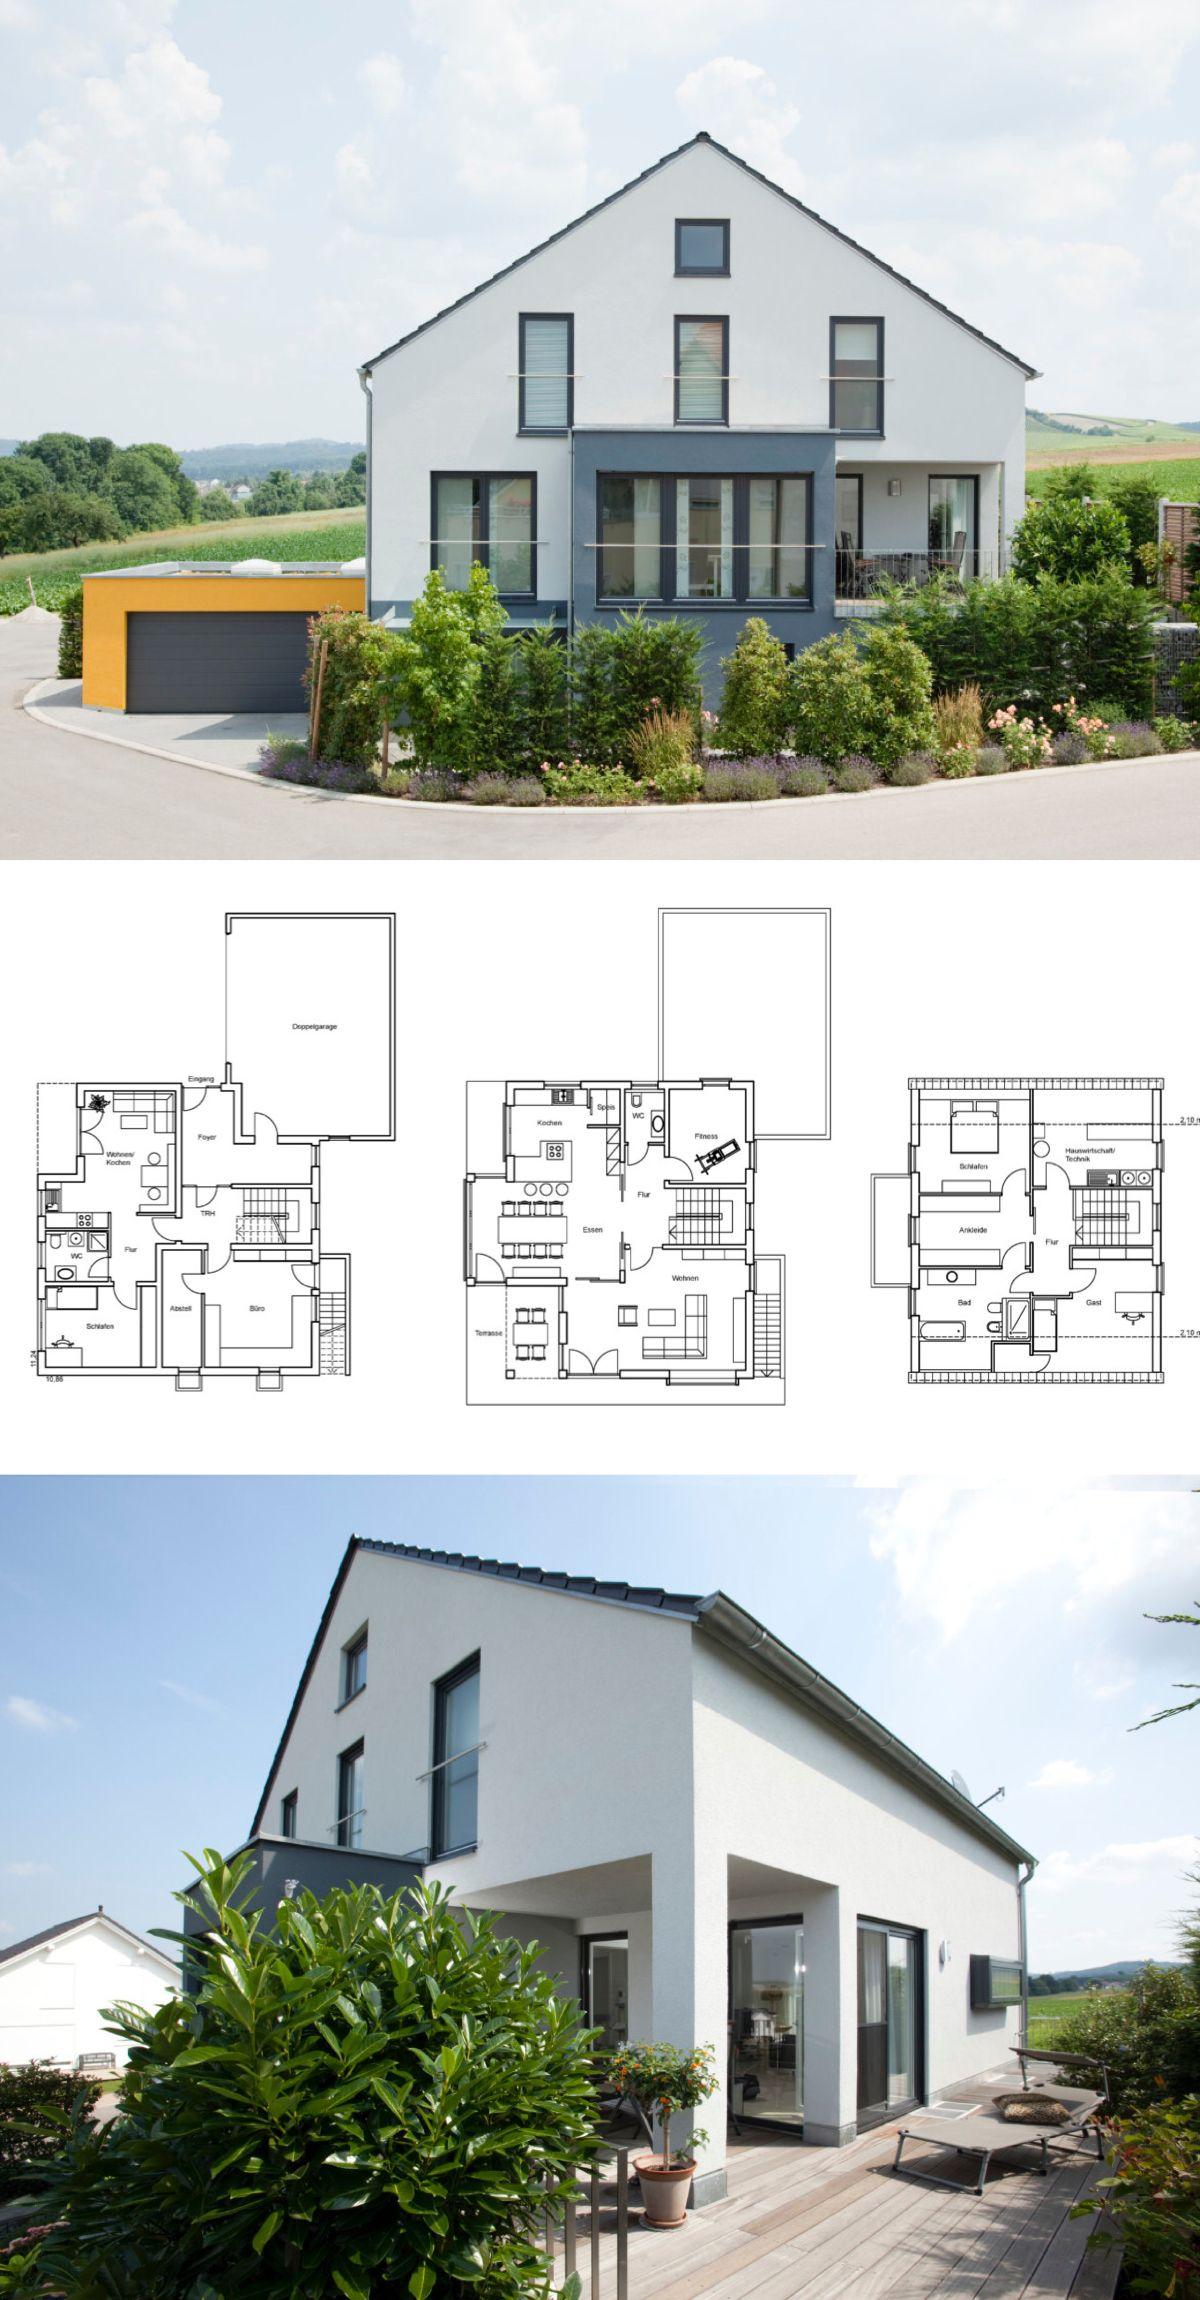 einfamilienhaus mit garage einliegerwohnung in hanglage. Black Bedroom Furniture Sets. Home Design Ideas